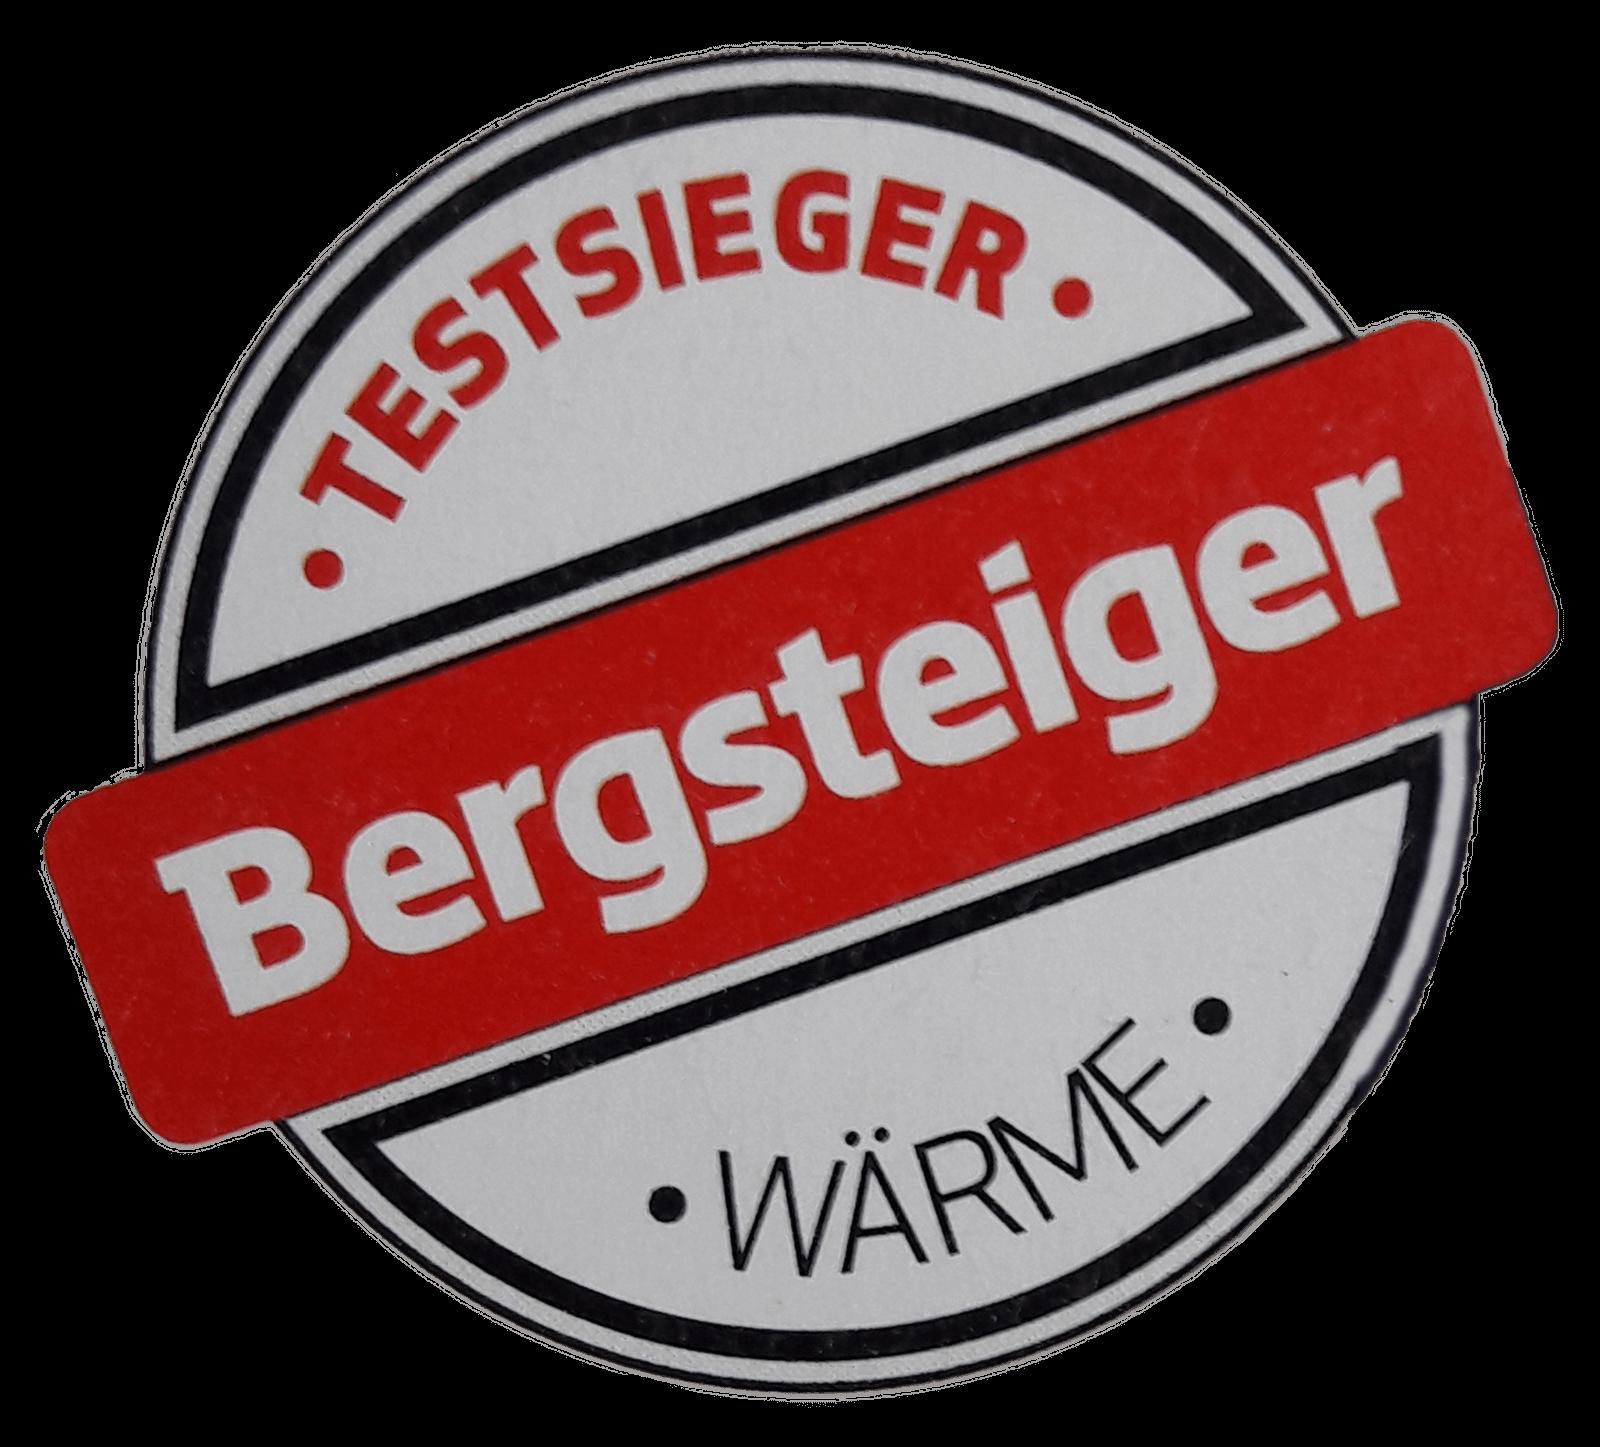 Bergsteiger-Testsieger_Warme593a8c77ac2a1